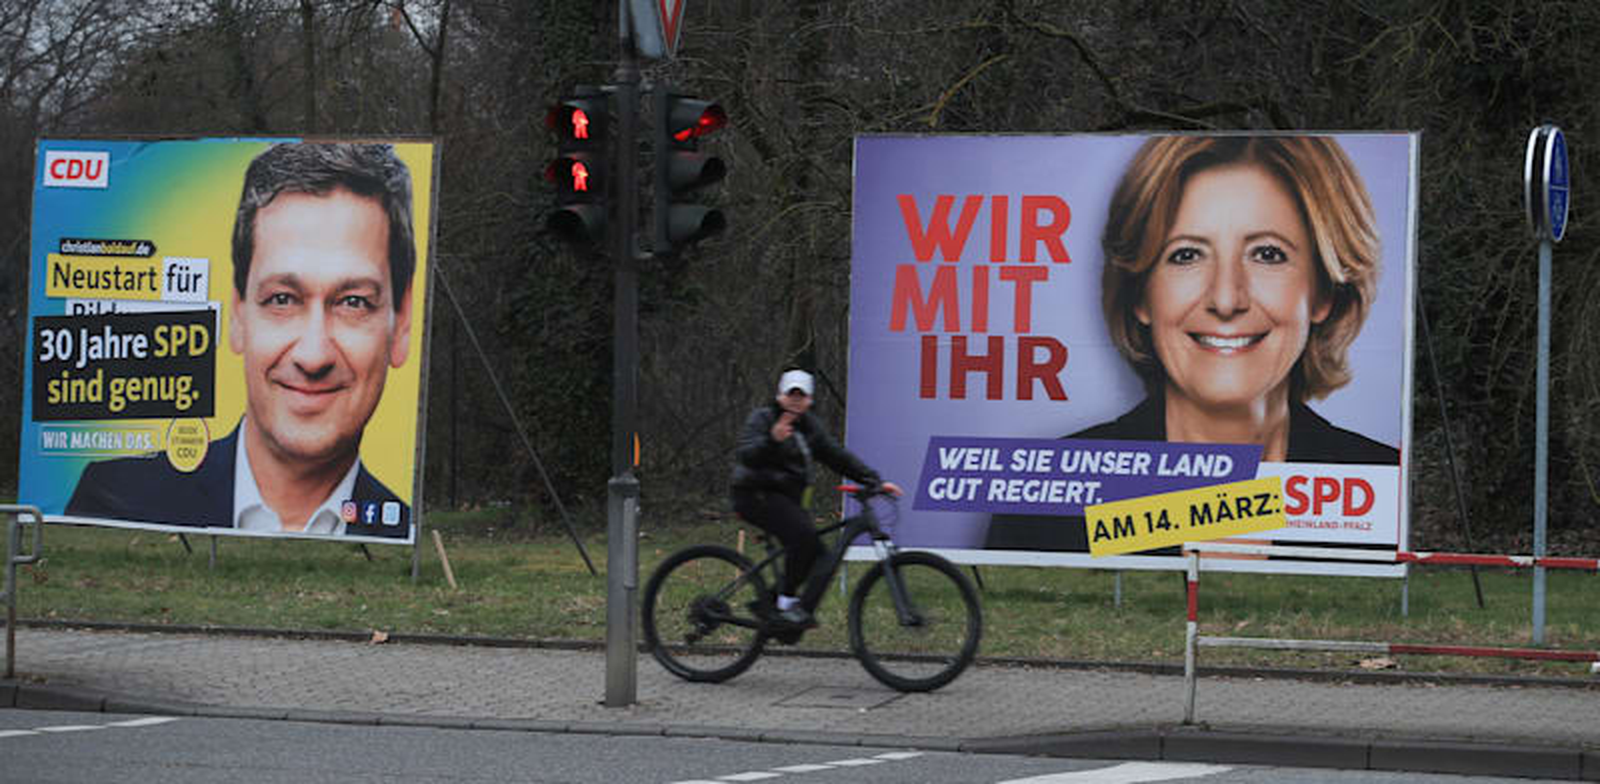 שלטי בחירות של מנהיגת ה-SPD מאלו דרייר והמועמד מטעם ה-CDU כריסטיאן בלדאוף בנויוויד בגרמניה / צילום: Reuters, Wolfgang Rattay